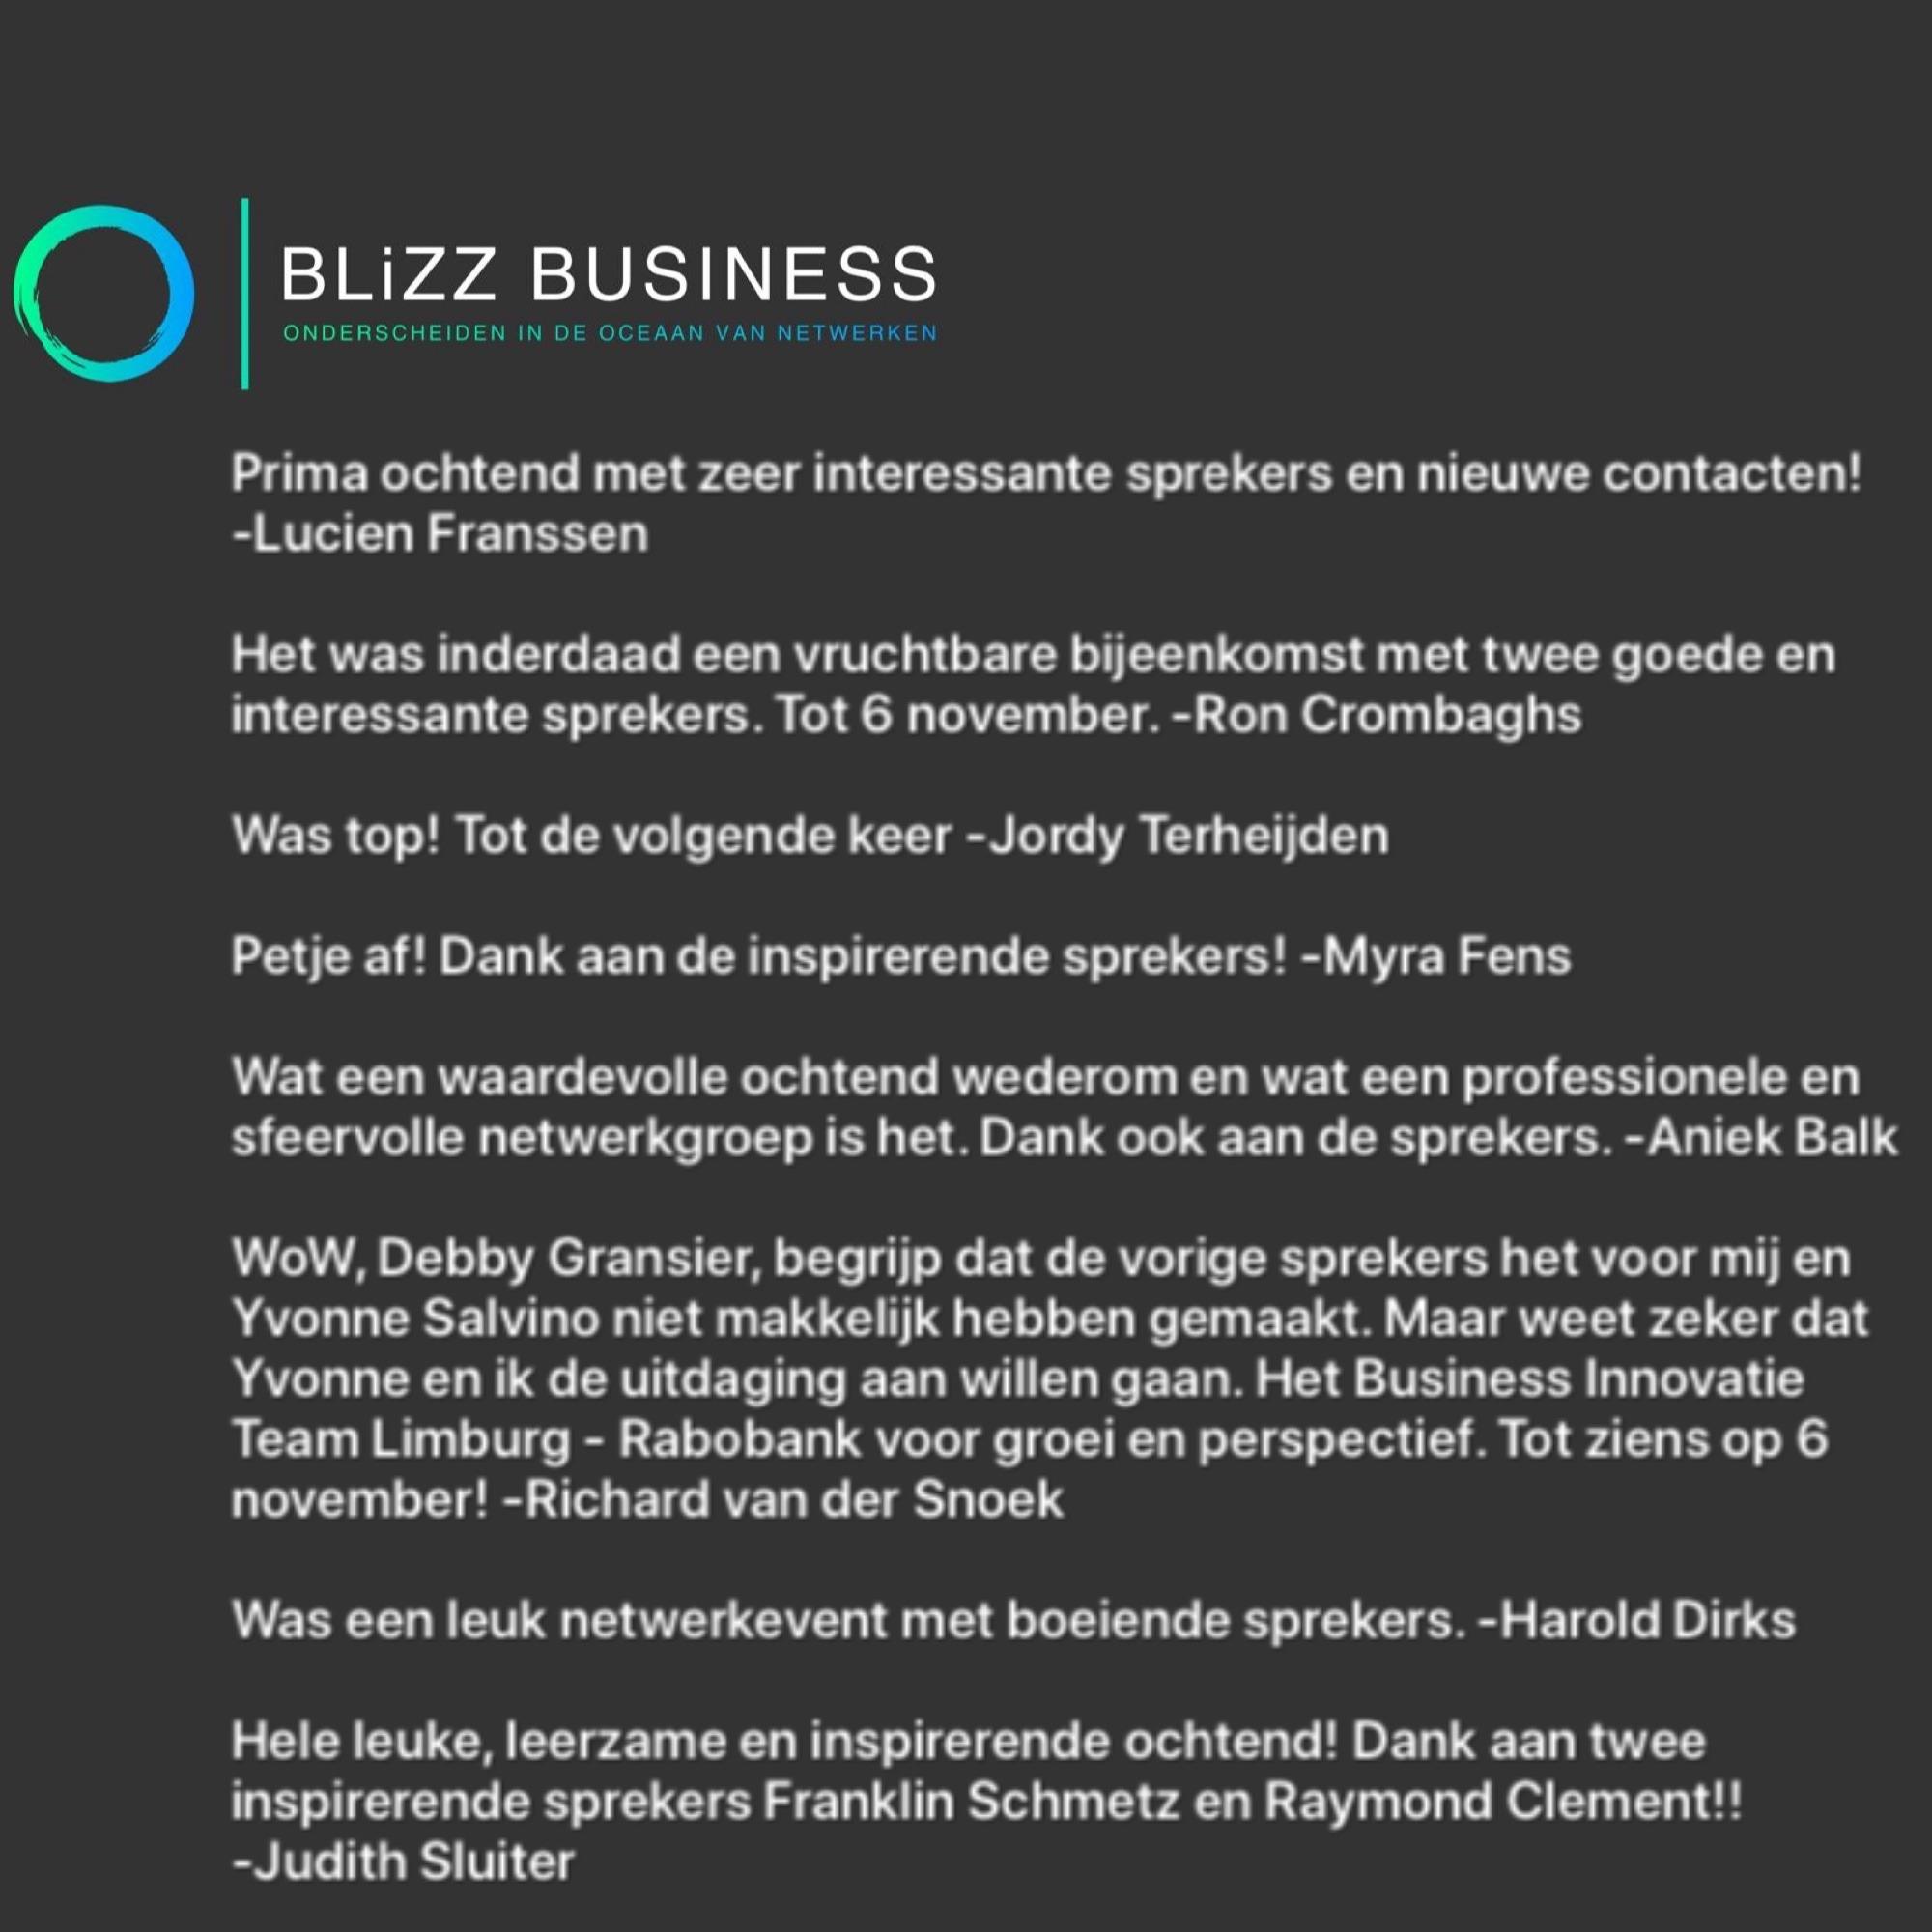 recensie feedback blizz business gasten leden netwerken